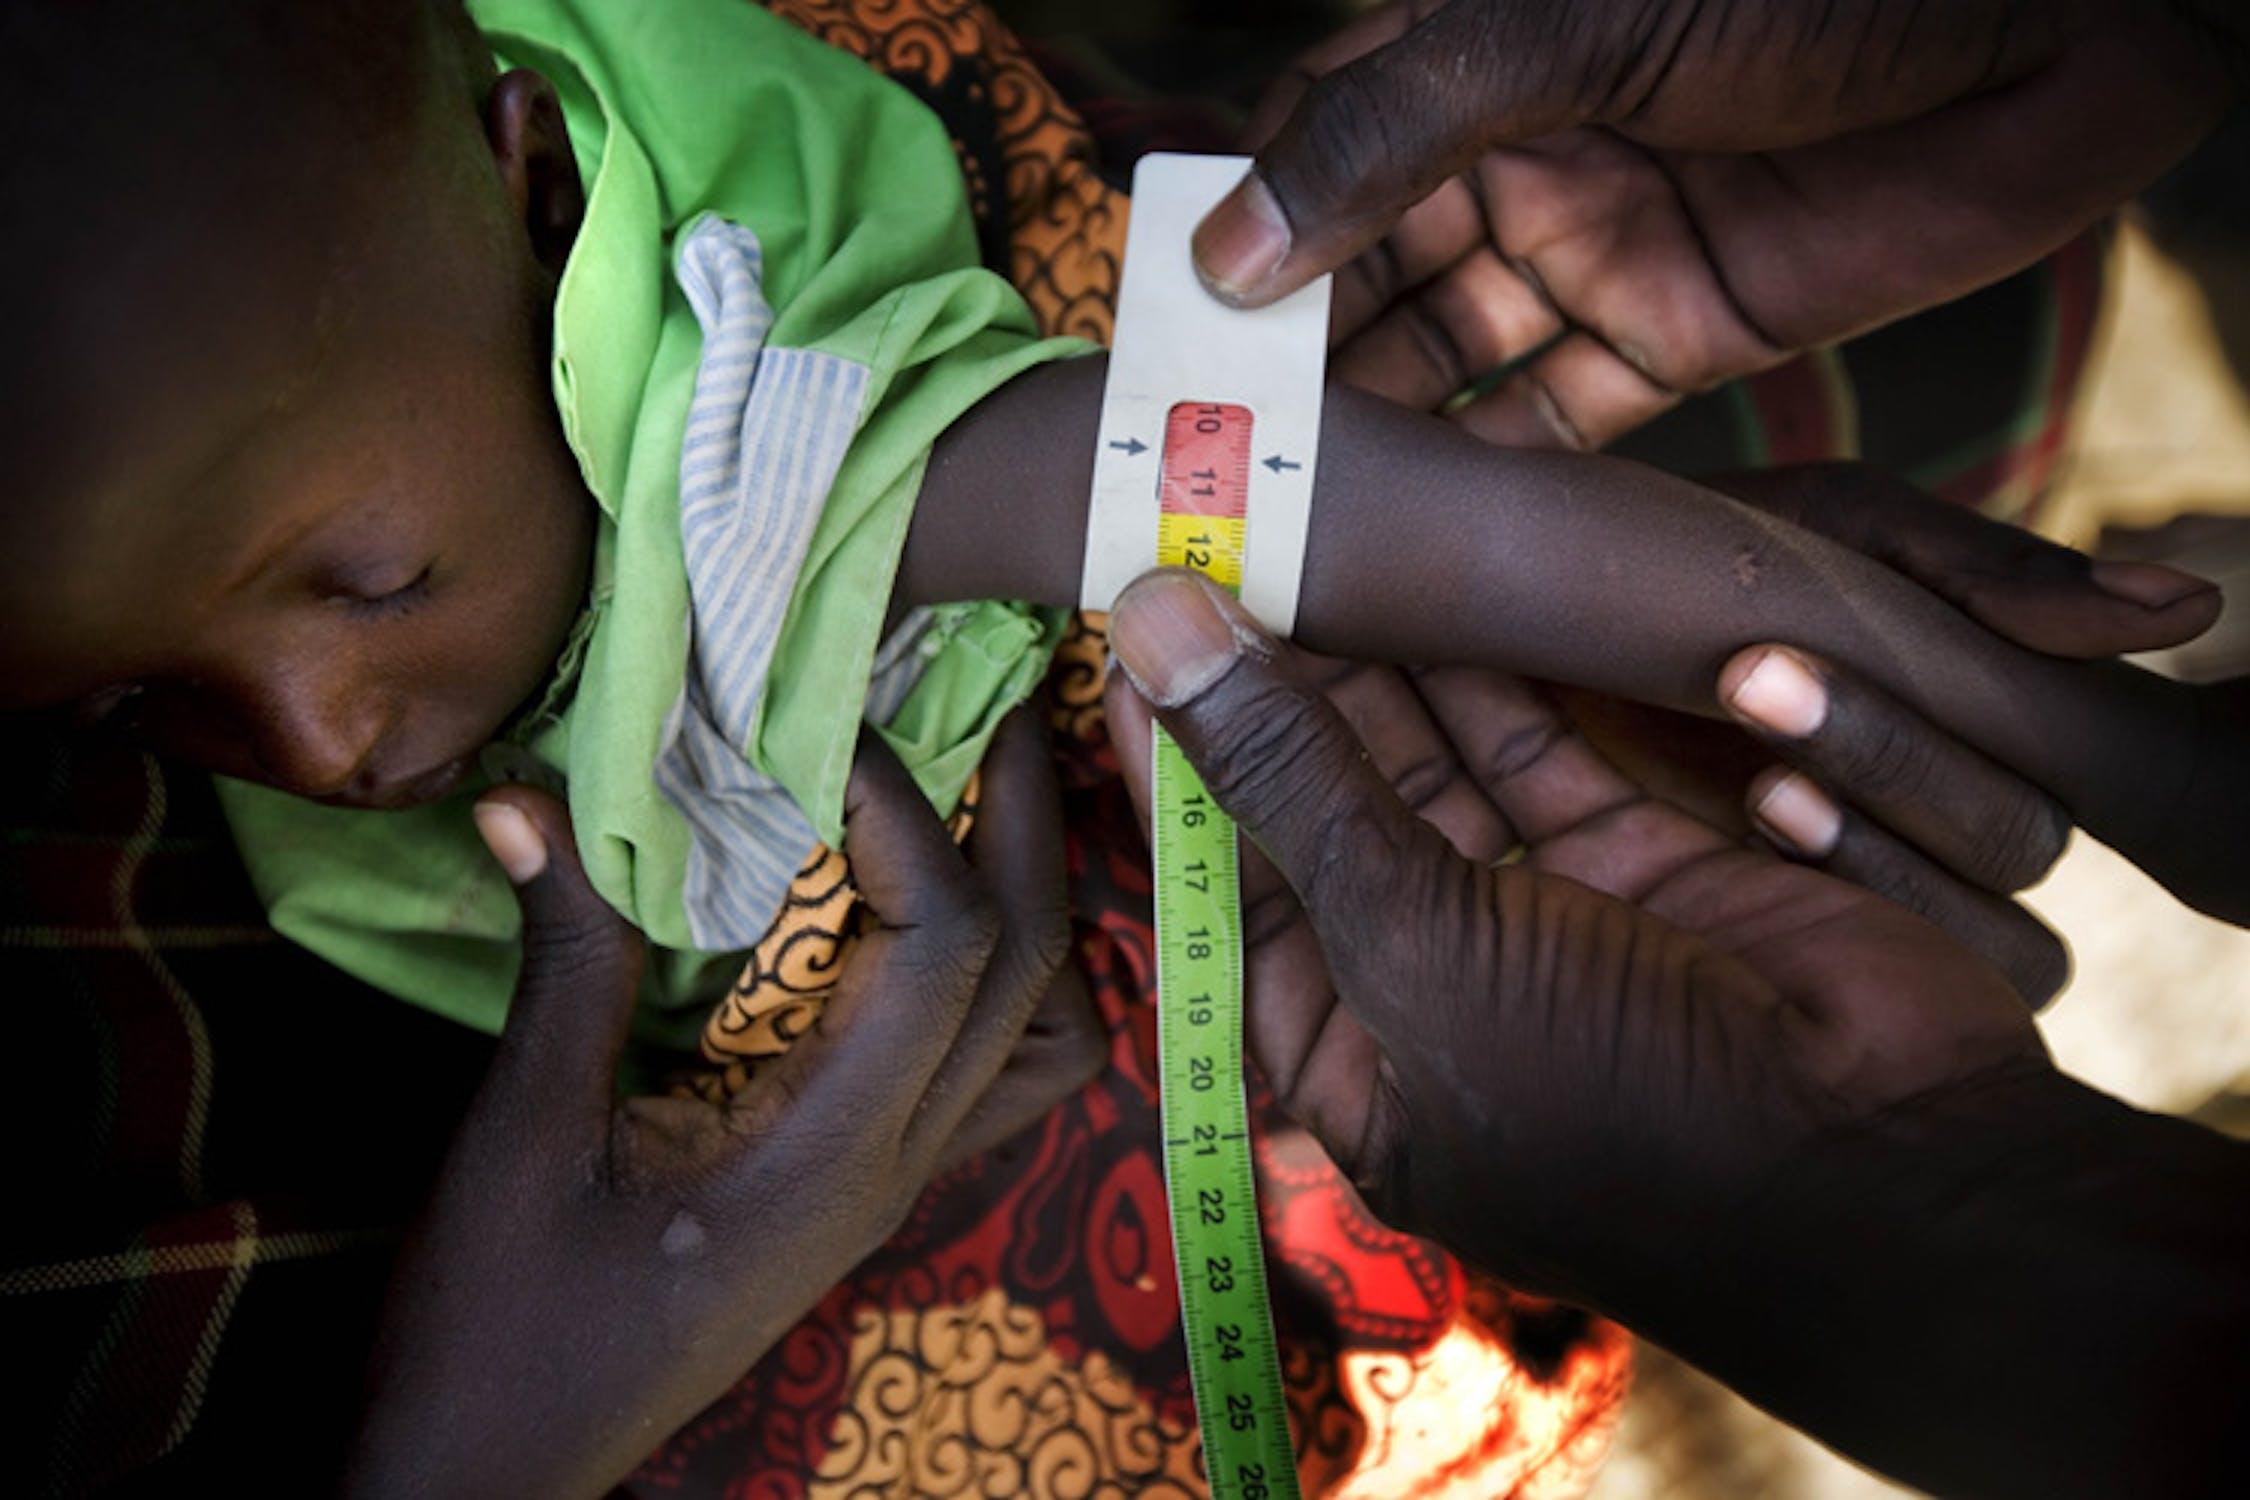 Un'infermiera misura la circonferenza del polso di un bambino nel villaggio di Longelop, nella regione somala del Turkana: la sezione rossa del braccialetto indica che il bambino è affetto da malnutrizione grave - ©UNICEF/NYHQ2011-1108/K.Holt